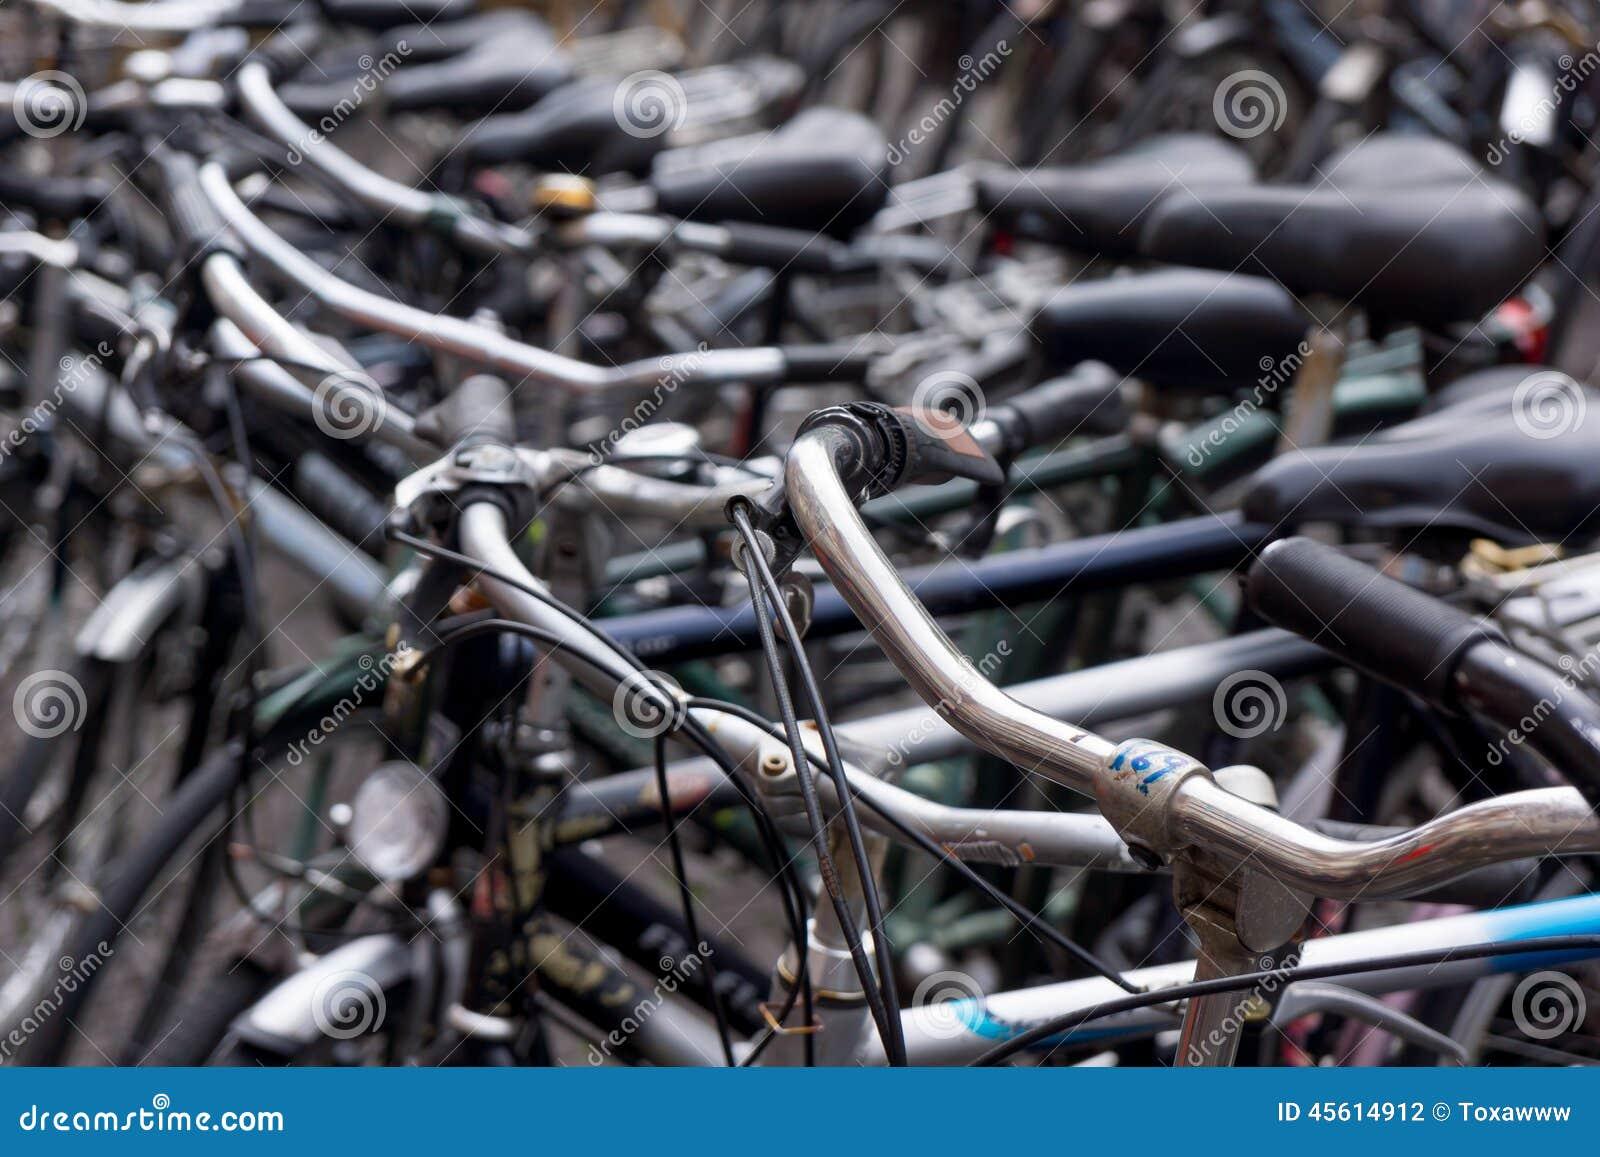 Vecchie bici olandesi fotografia stock immagine di for Affitto bici amsterdam